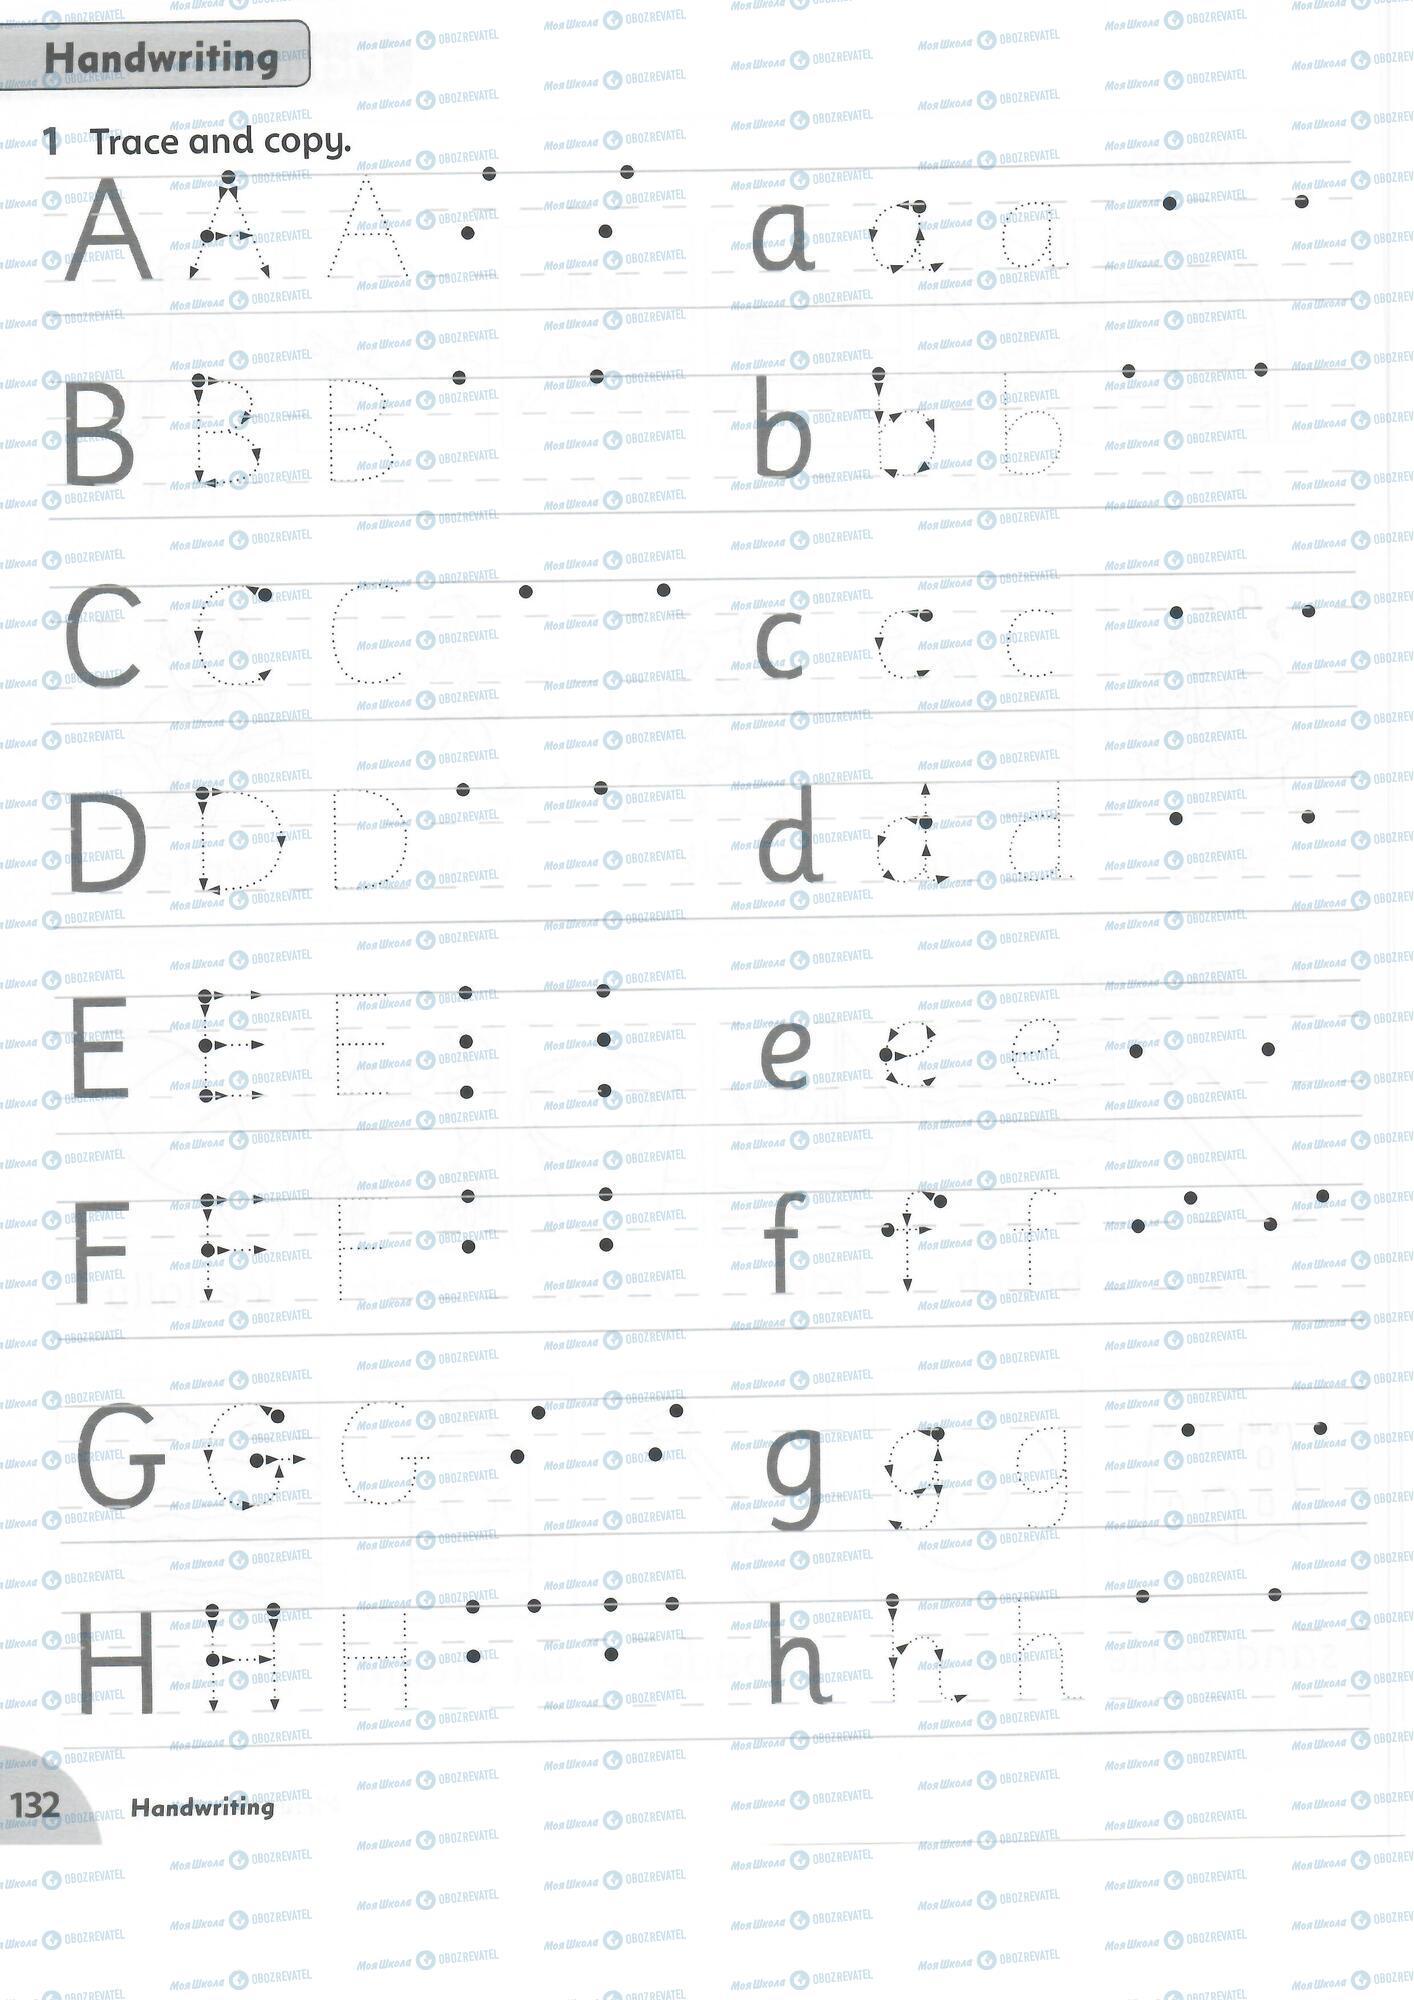 ГДЗ Англійська мова 1 клас сторінка 132